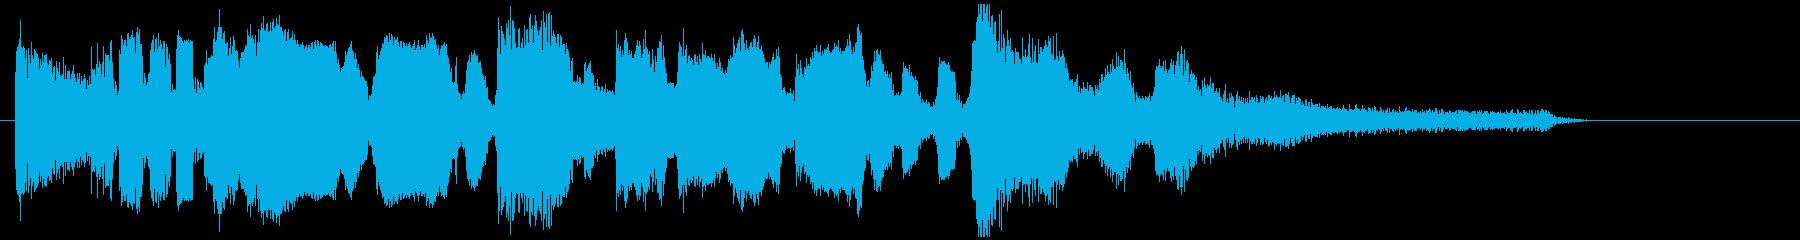 艶やかなサックスバラードの15秒ジングルの再生済みの波形